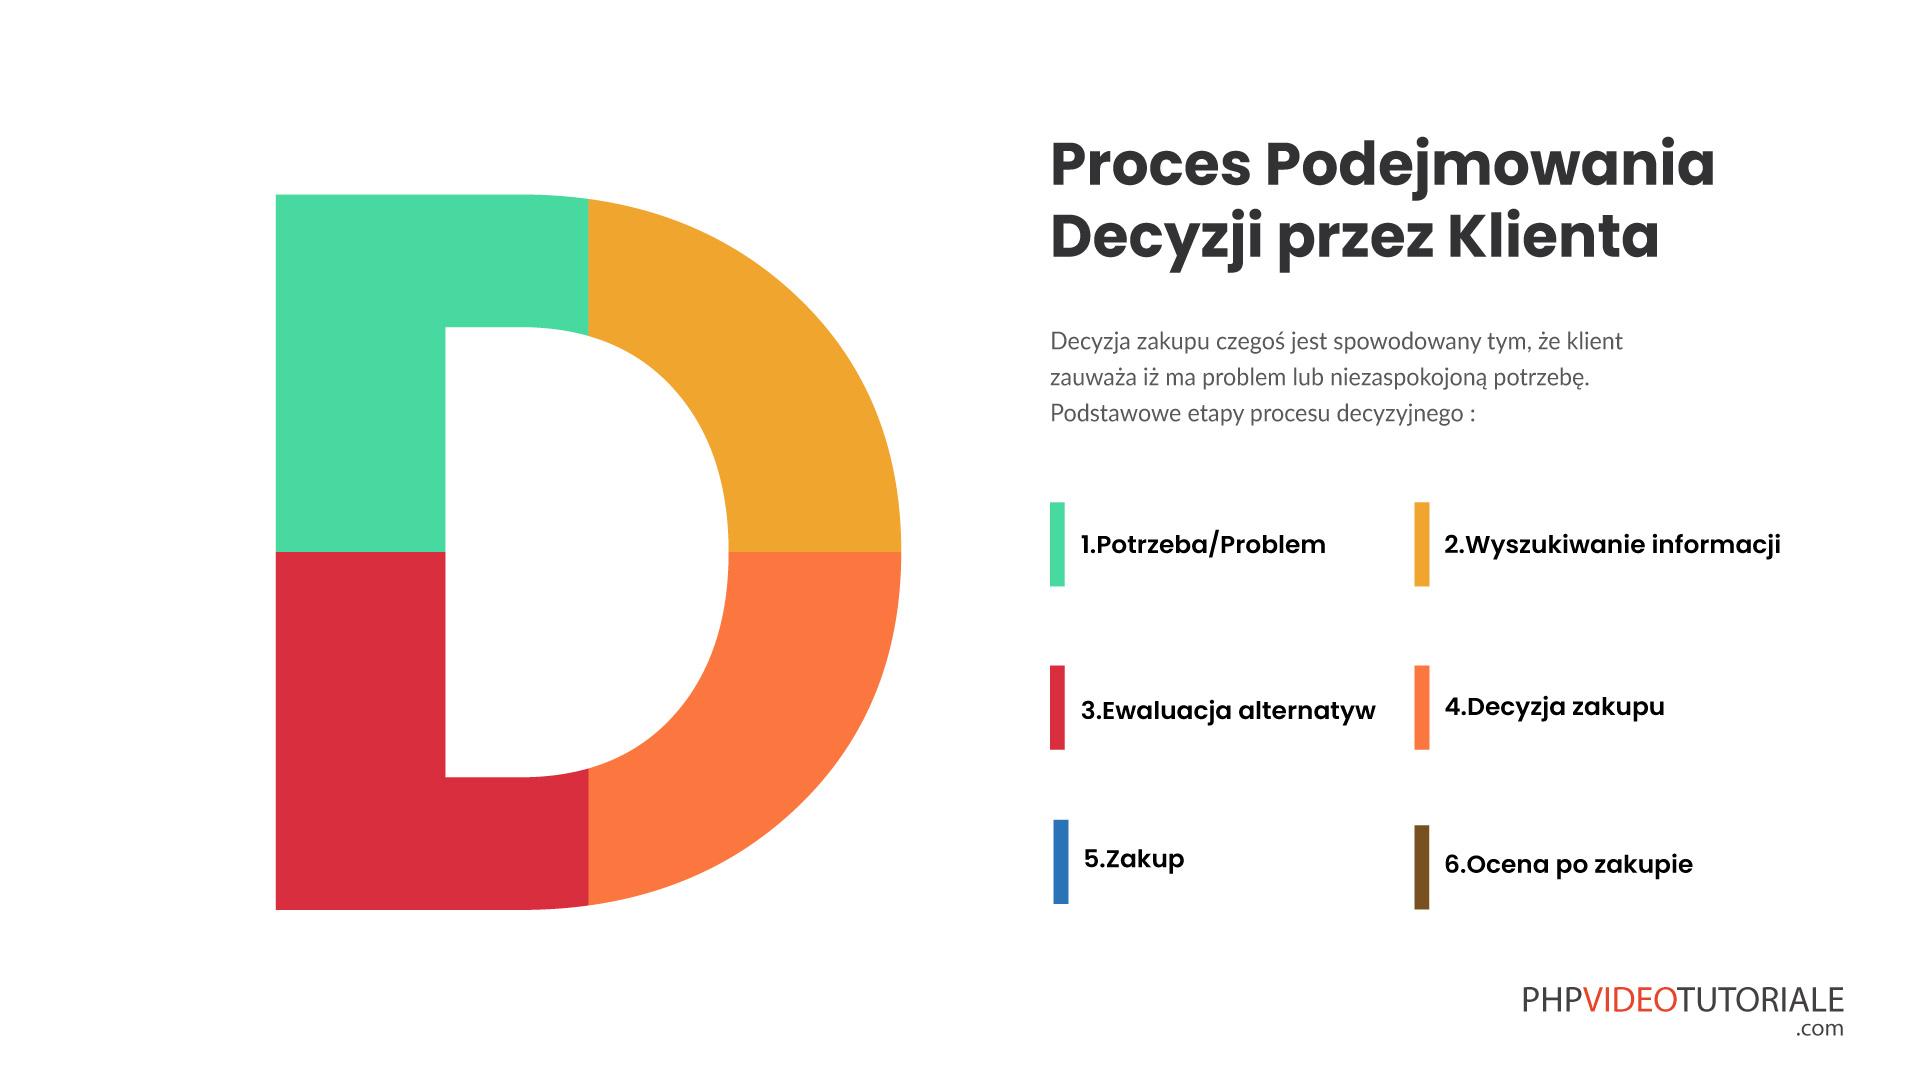 Proces podejmowania decyzji przez klienta